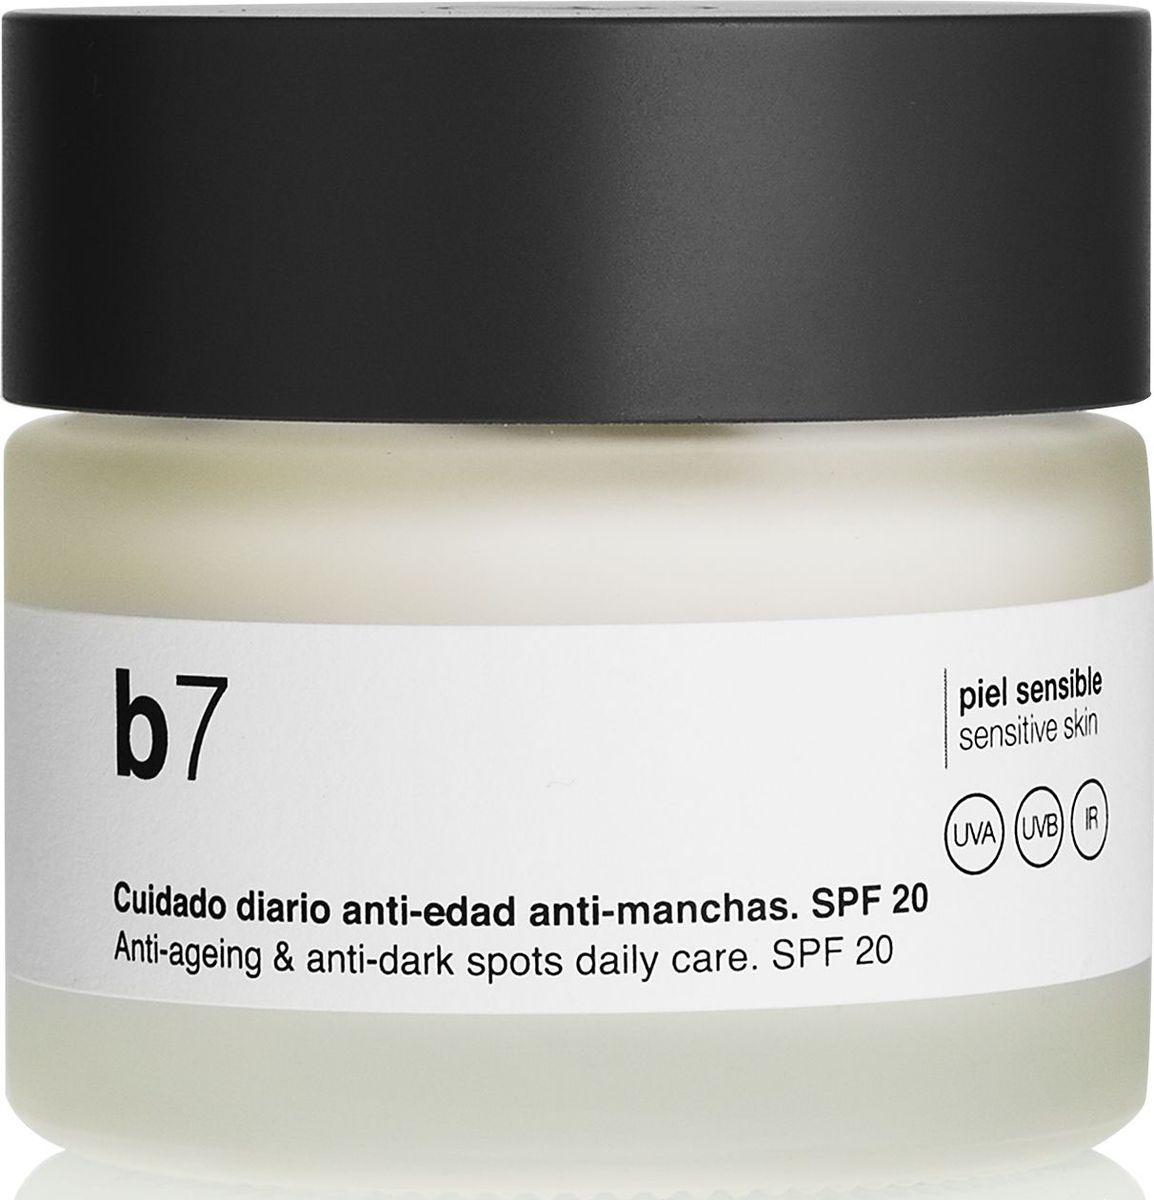 Bella Aurora Антивозрастной крем для лица выравнивающий тон кожи SPF 20, 50 мл